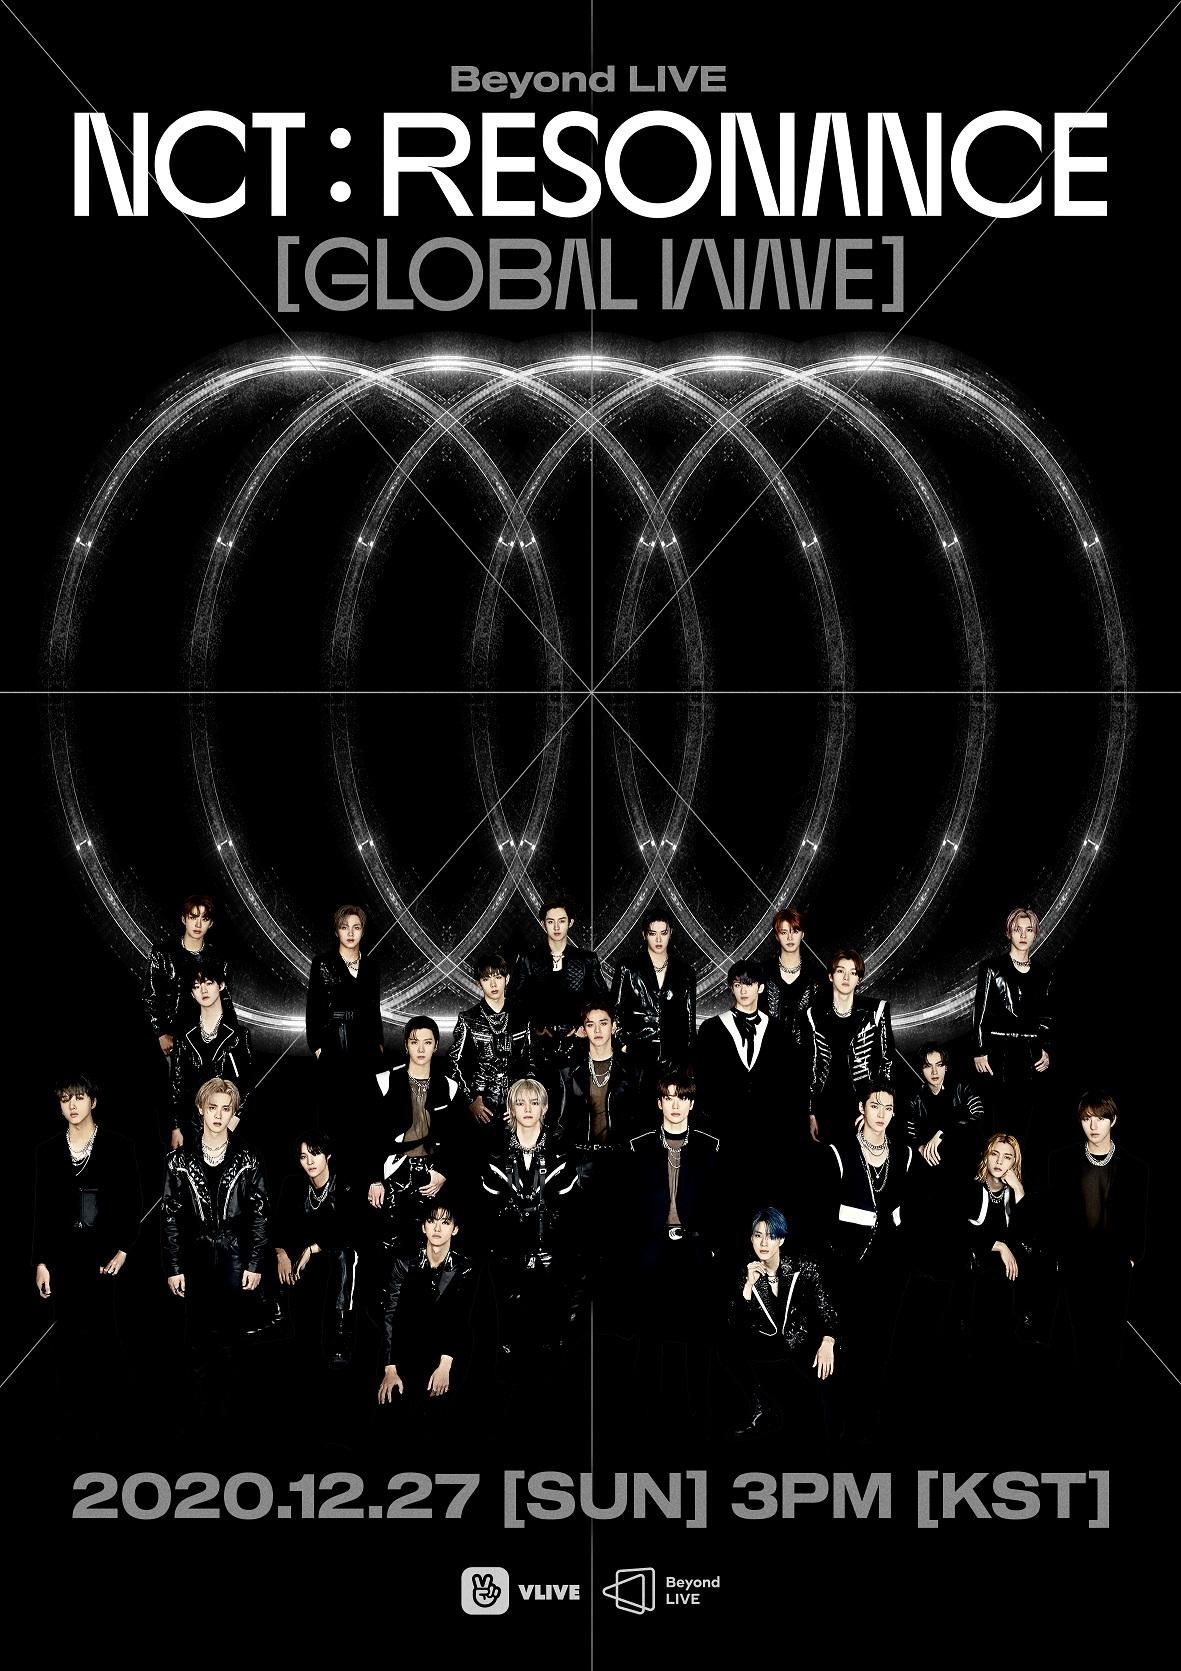 [ภาพโปสเตอร์] 'Beyond LIVE - NCT 'Global Wave''